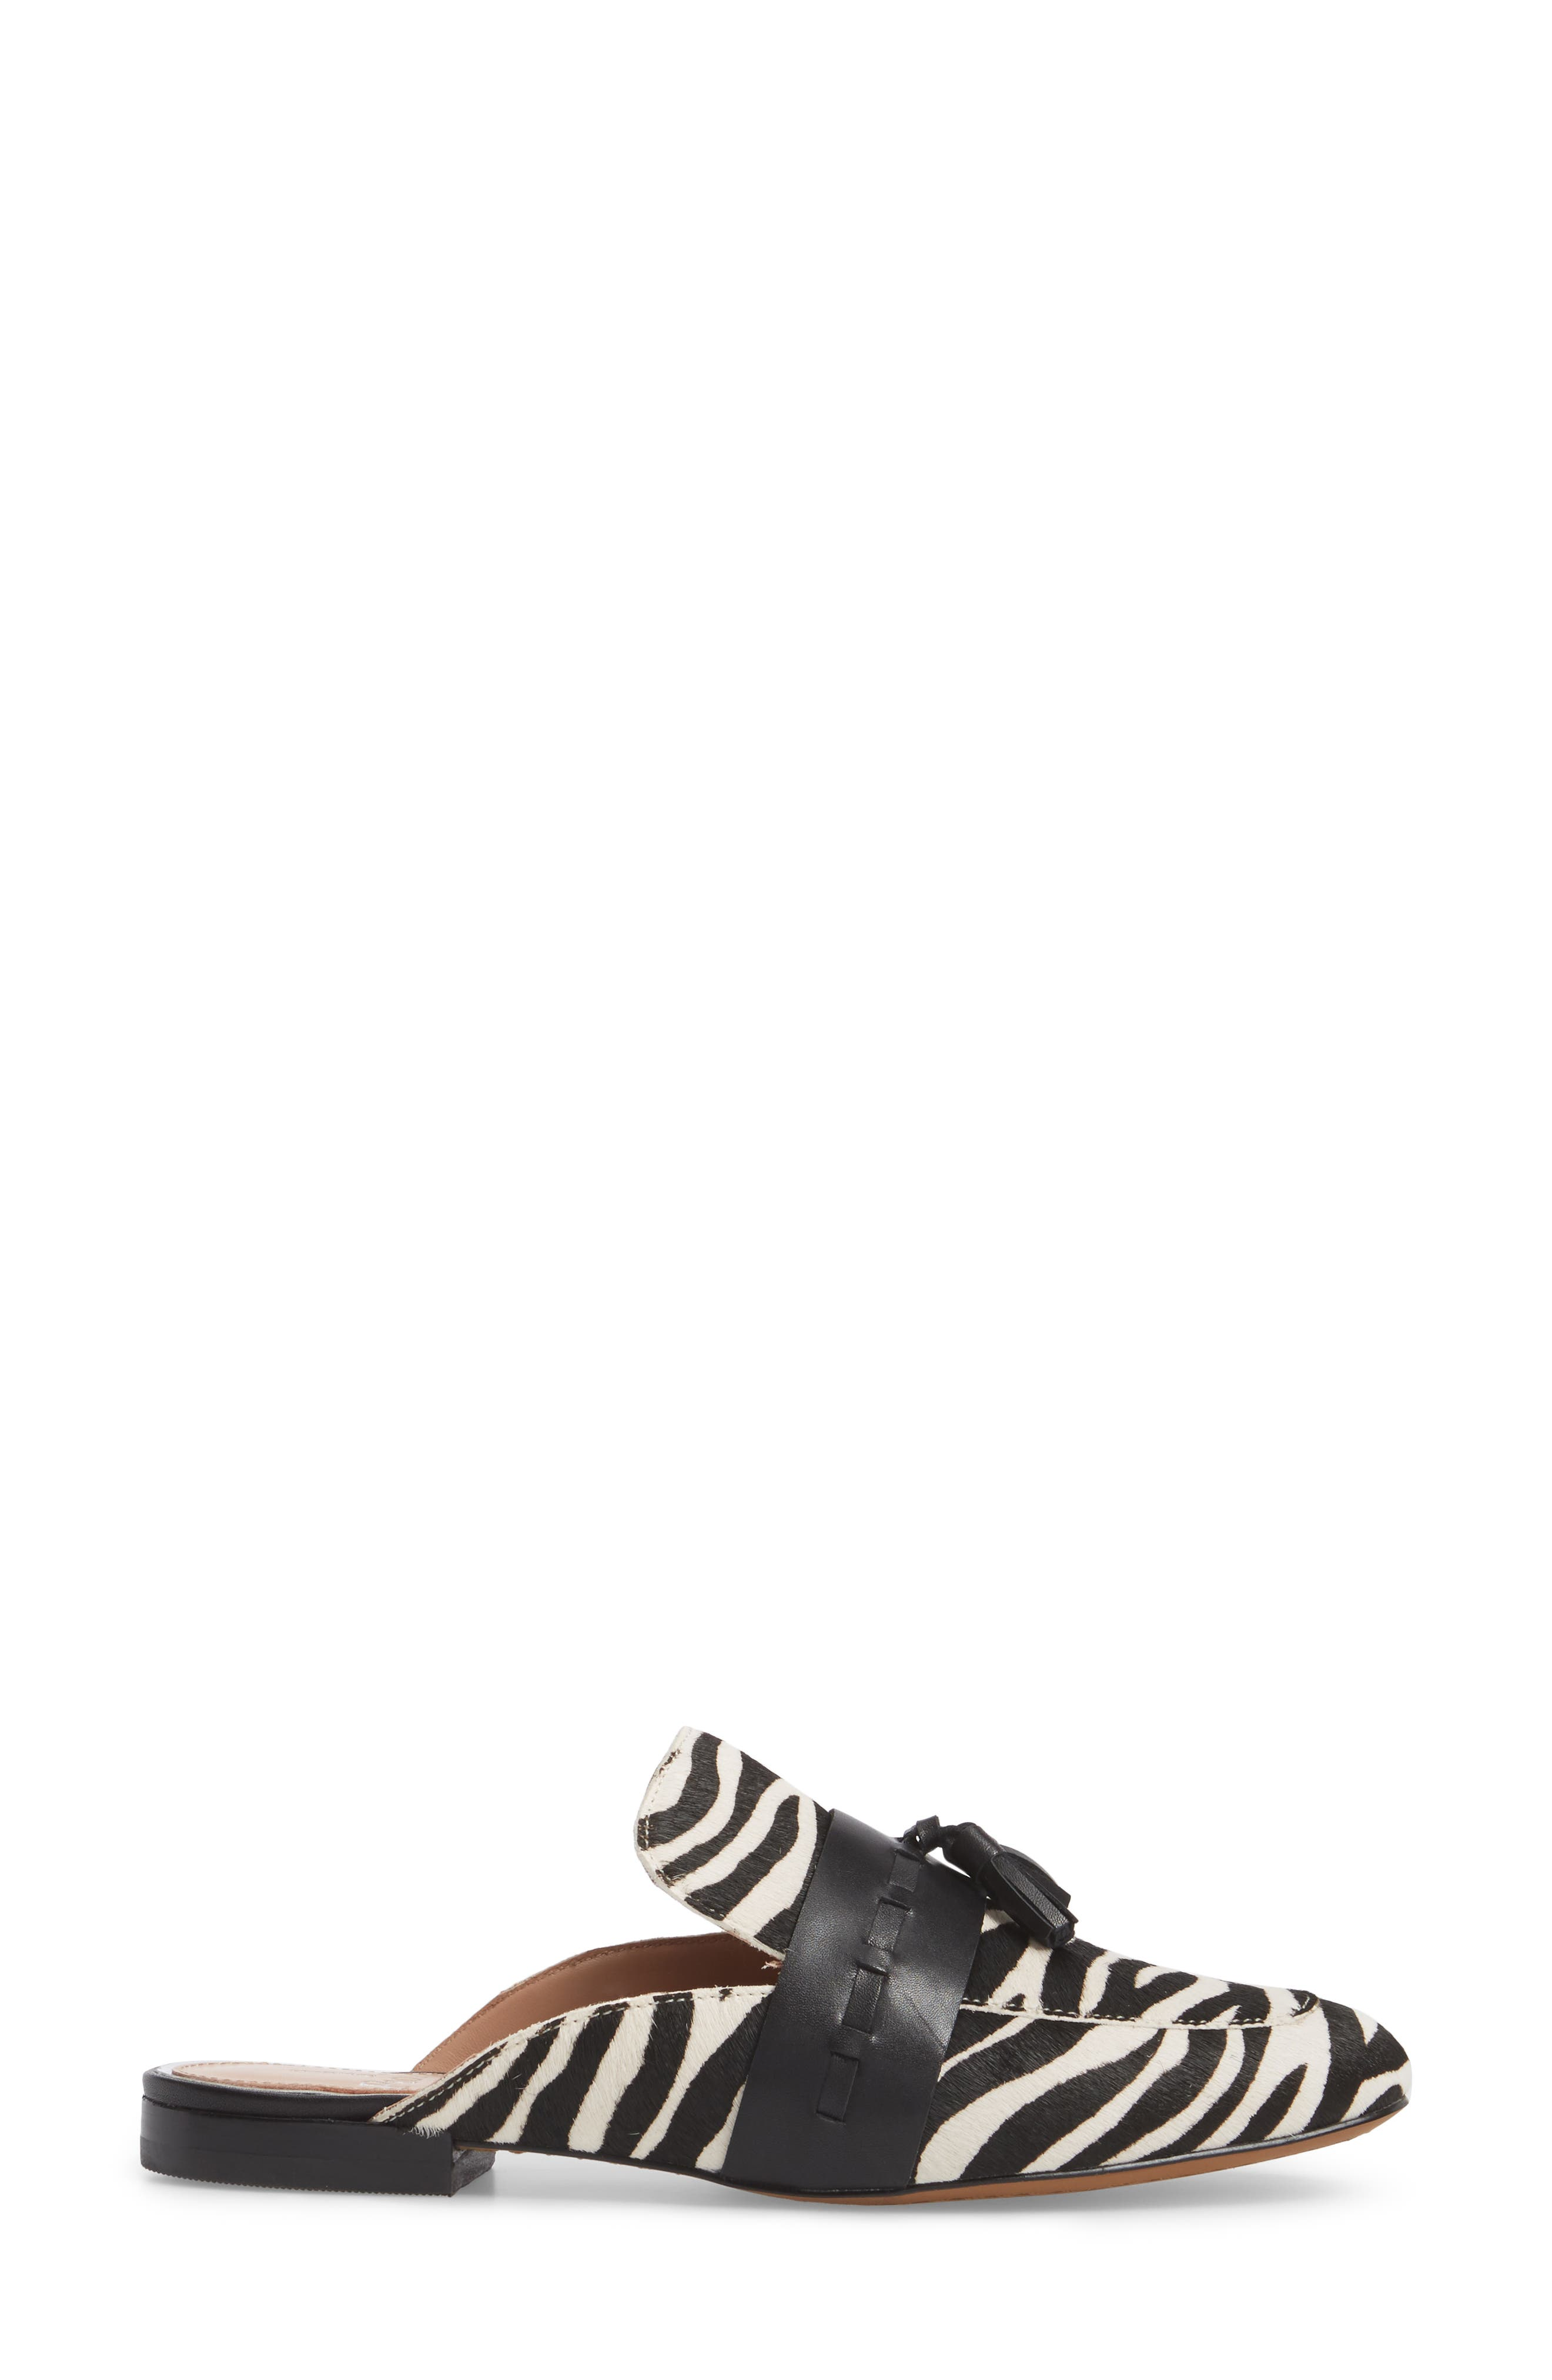 Abbott II Tassel Mule,                             Alternate thumbnail 3, color,                             White/ Black Print Calf Hair